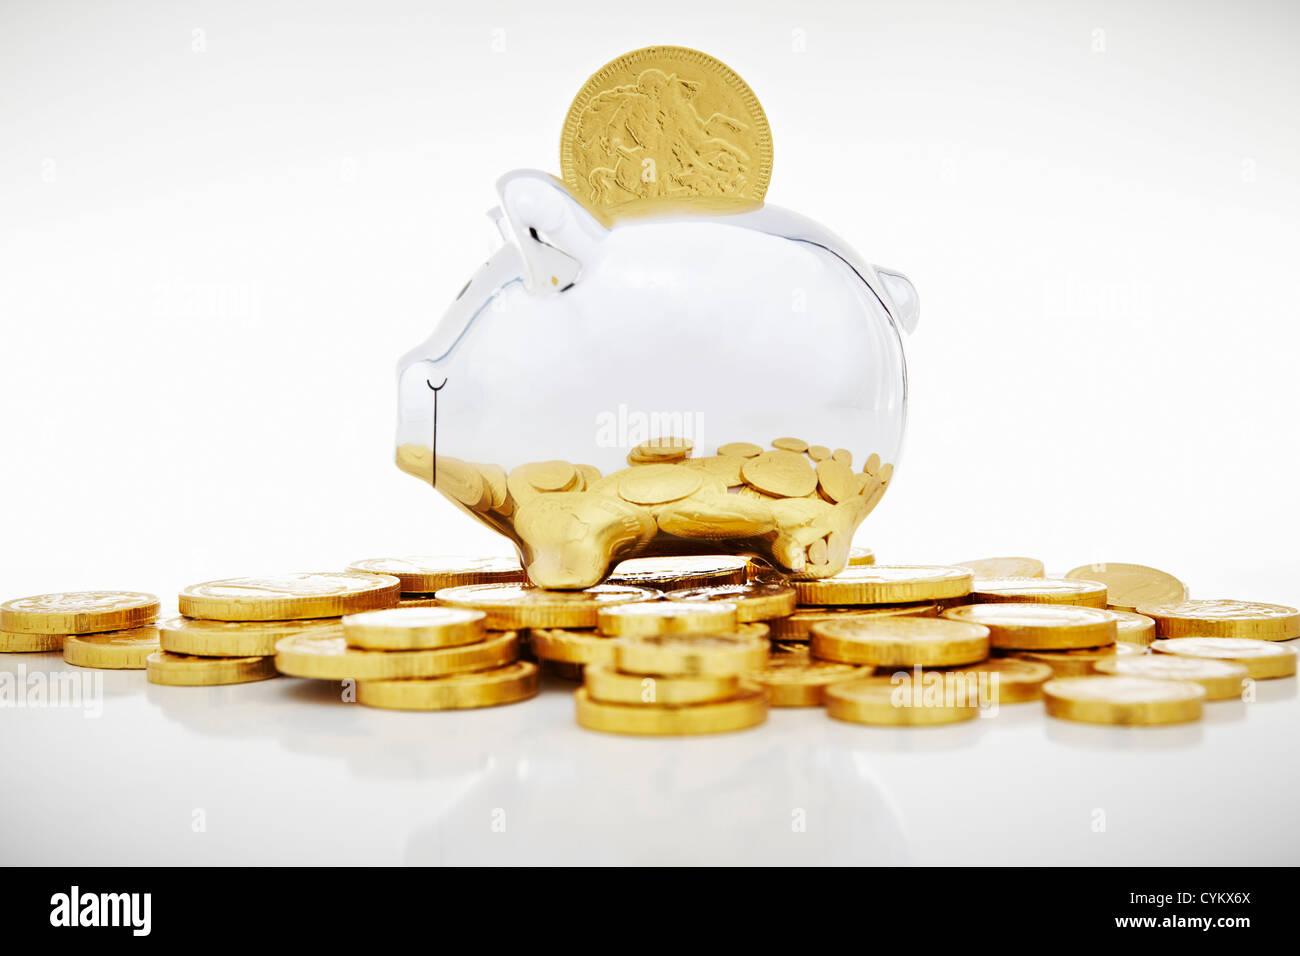 Stapel von Goldmünzen von Sparschwein Stockbild